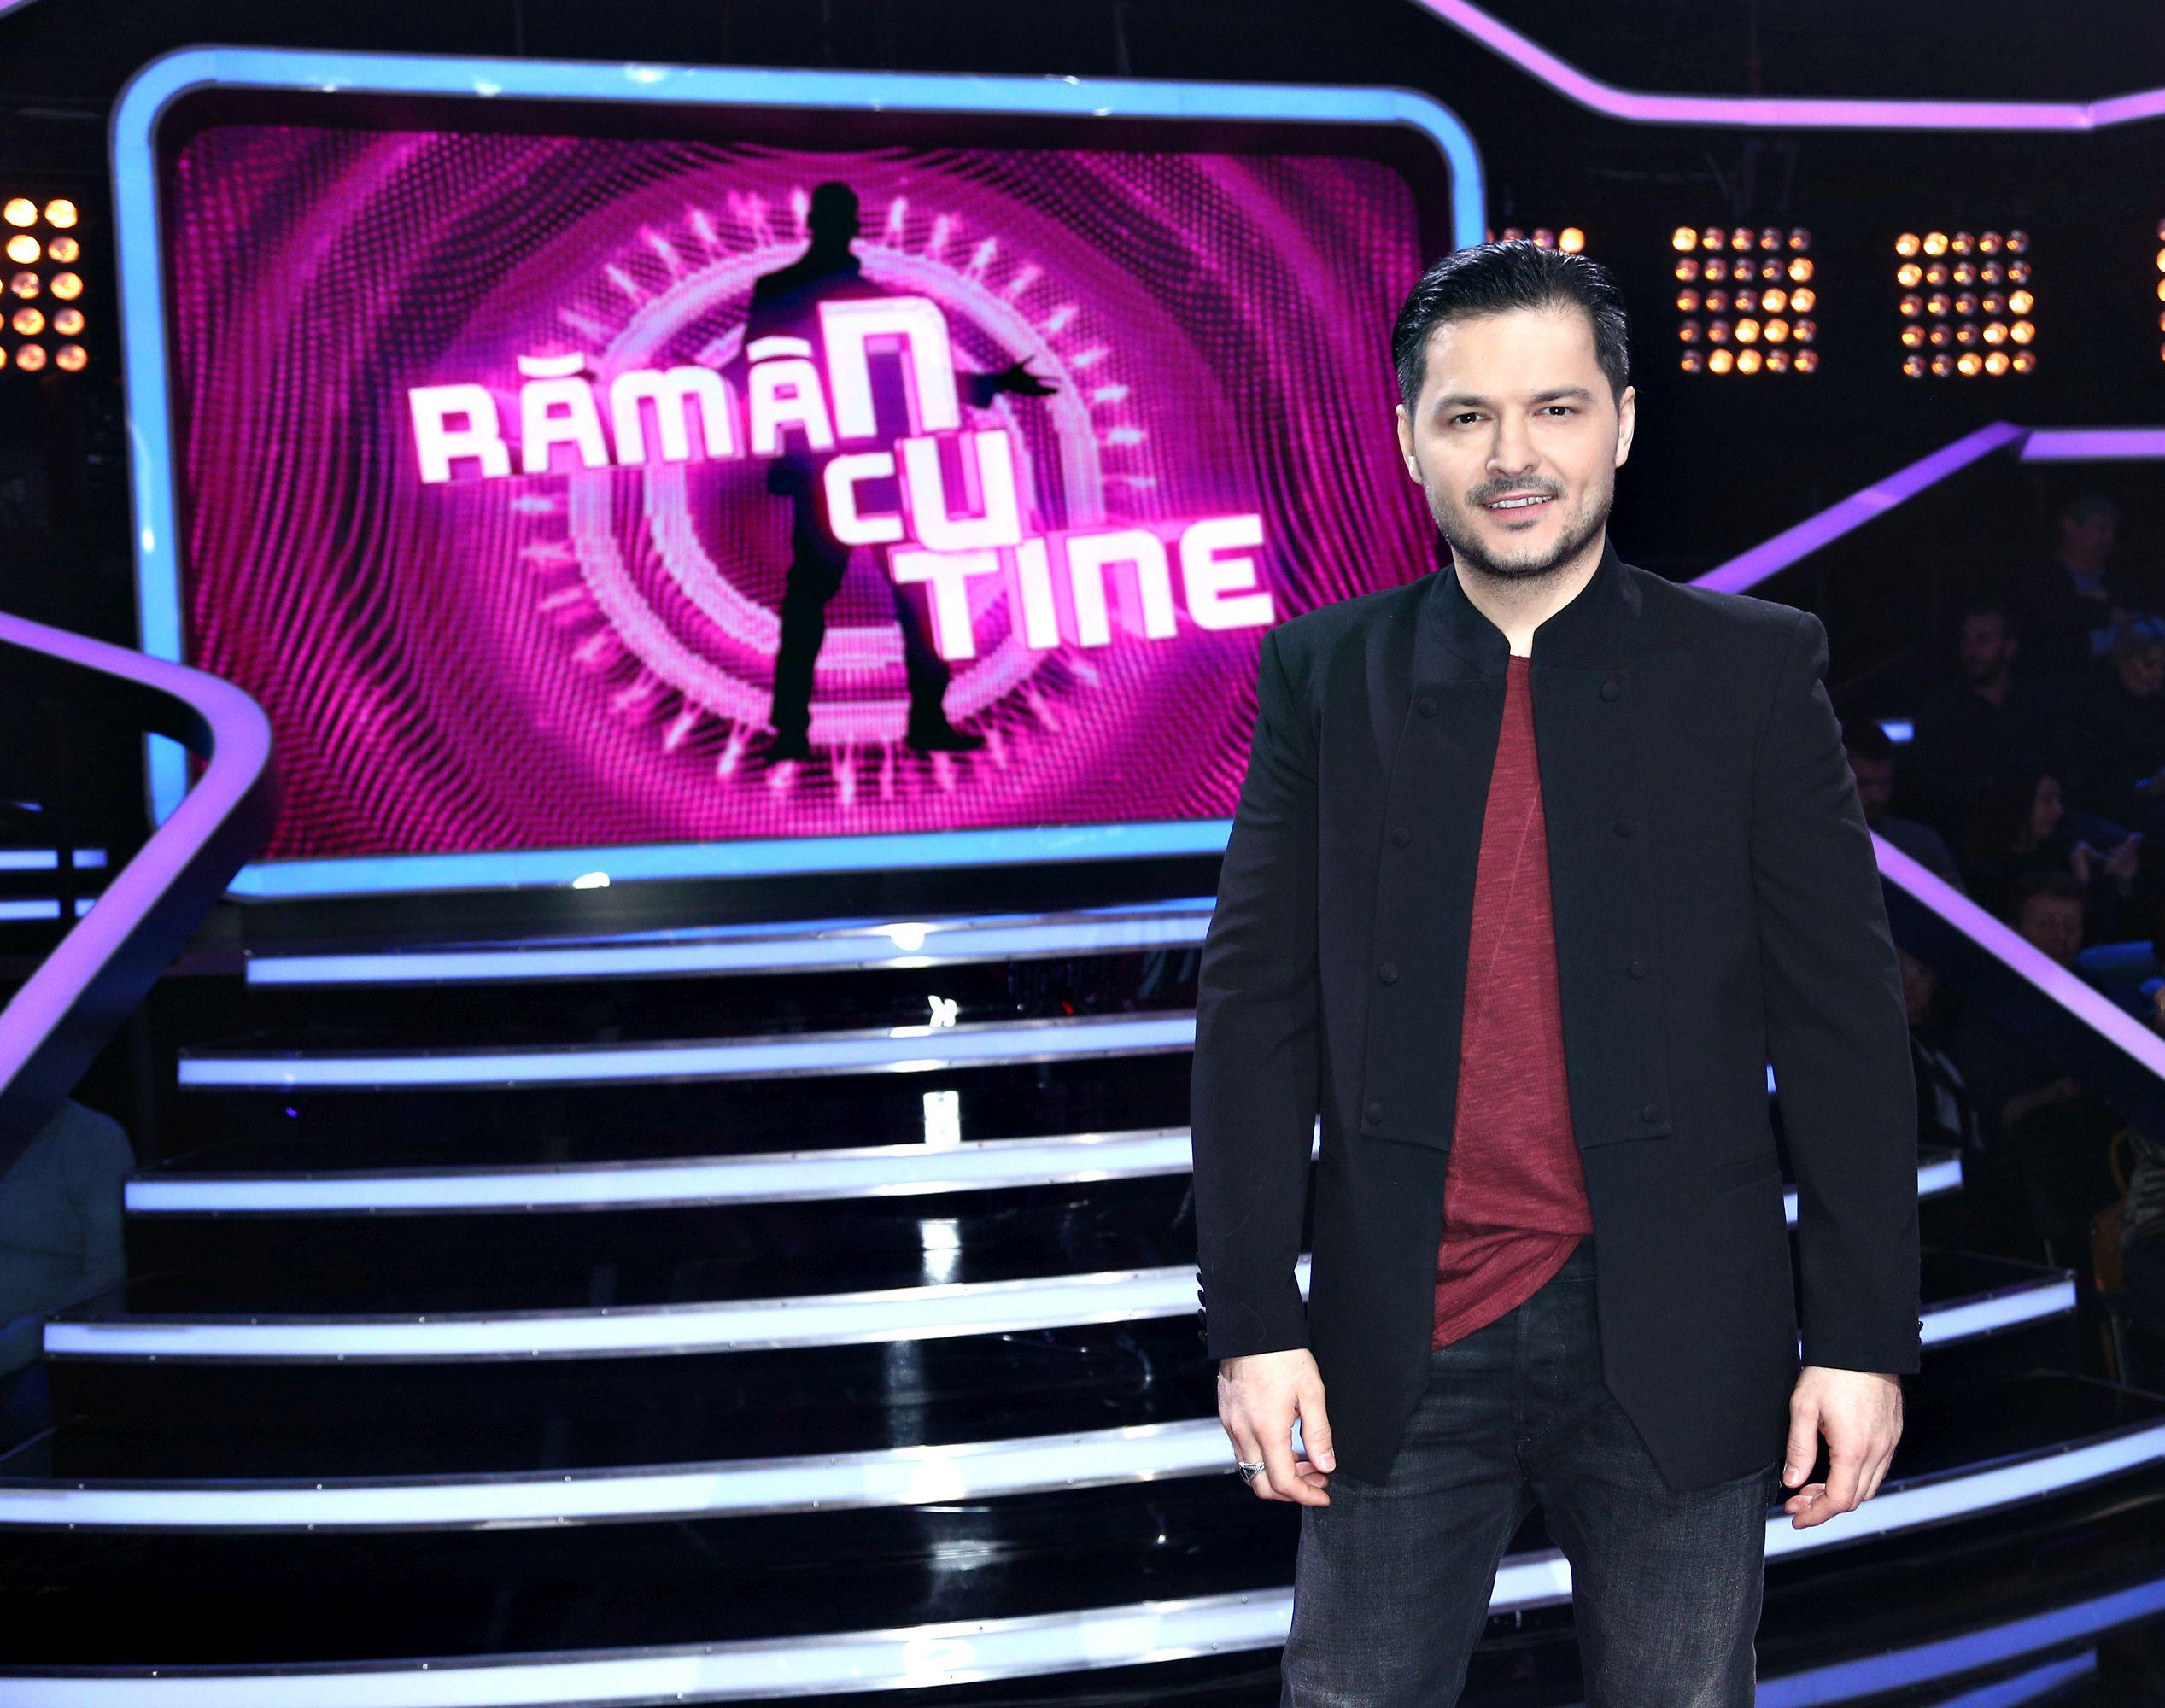 Emisiune nouă la Antena 1! Liviu Vârciu a început filmările pentru show-ul de dating Râmân cu tine